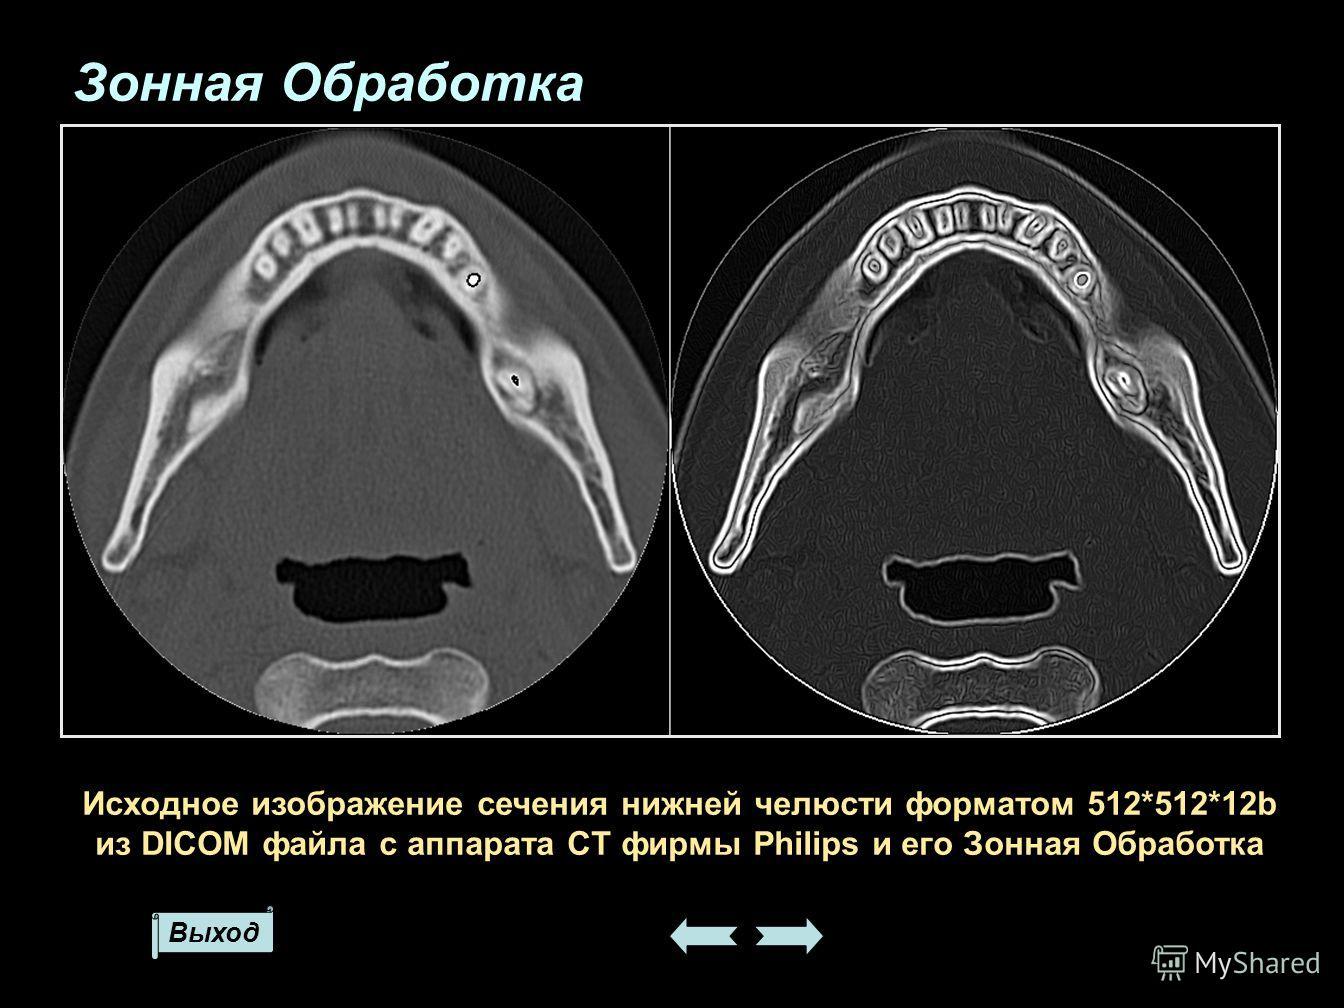 Выход Исходное изображение сечения нижней челюсти форматом 512*512*12b из DICOM файла с аппарата CT фирмы Philips и его Зонная Обработка Зонная Обработка